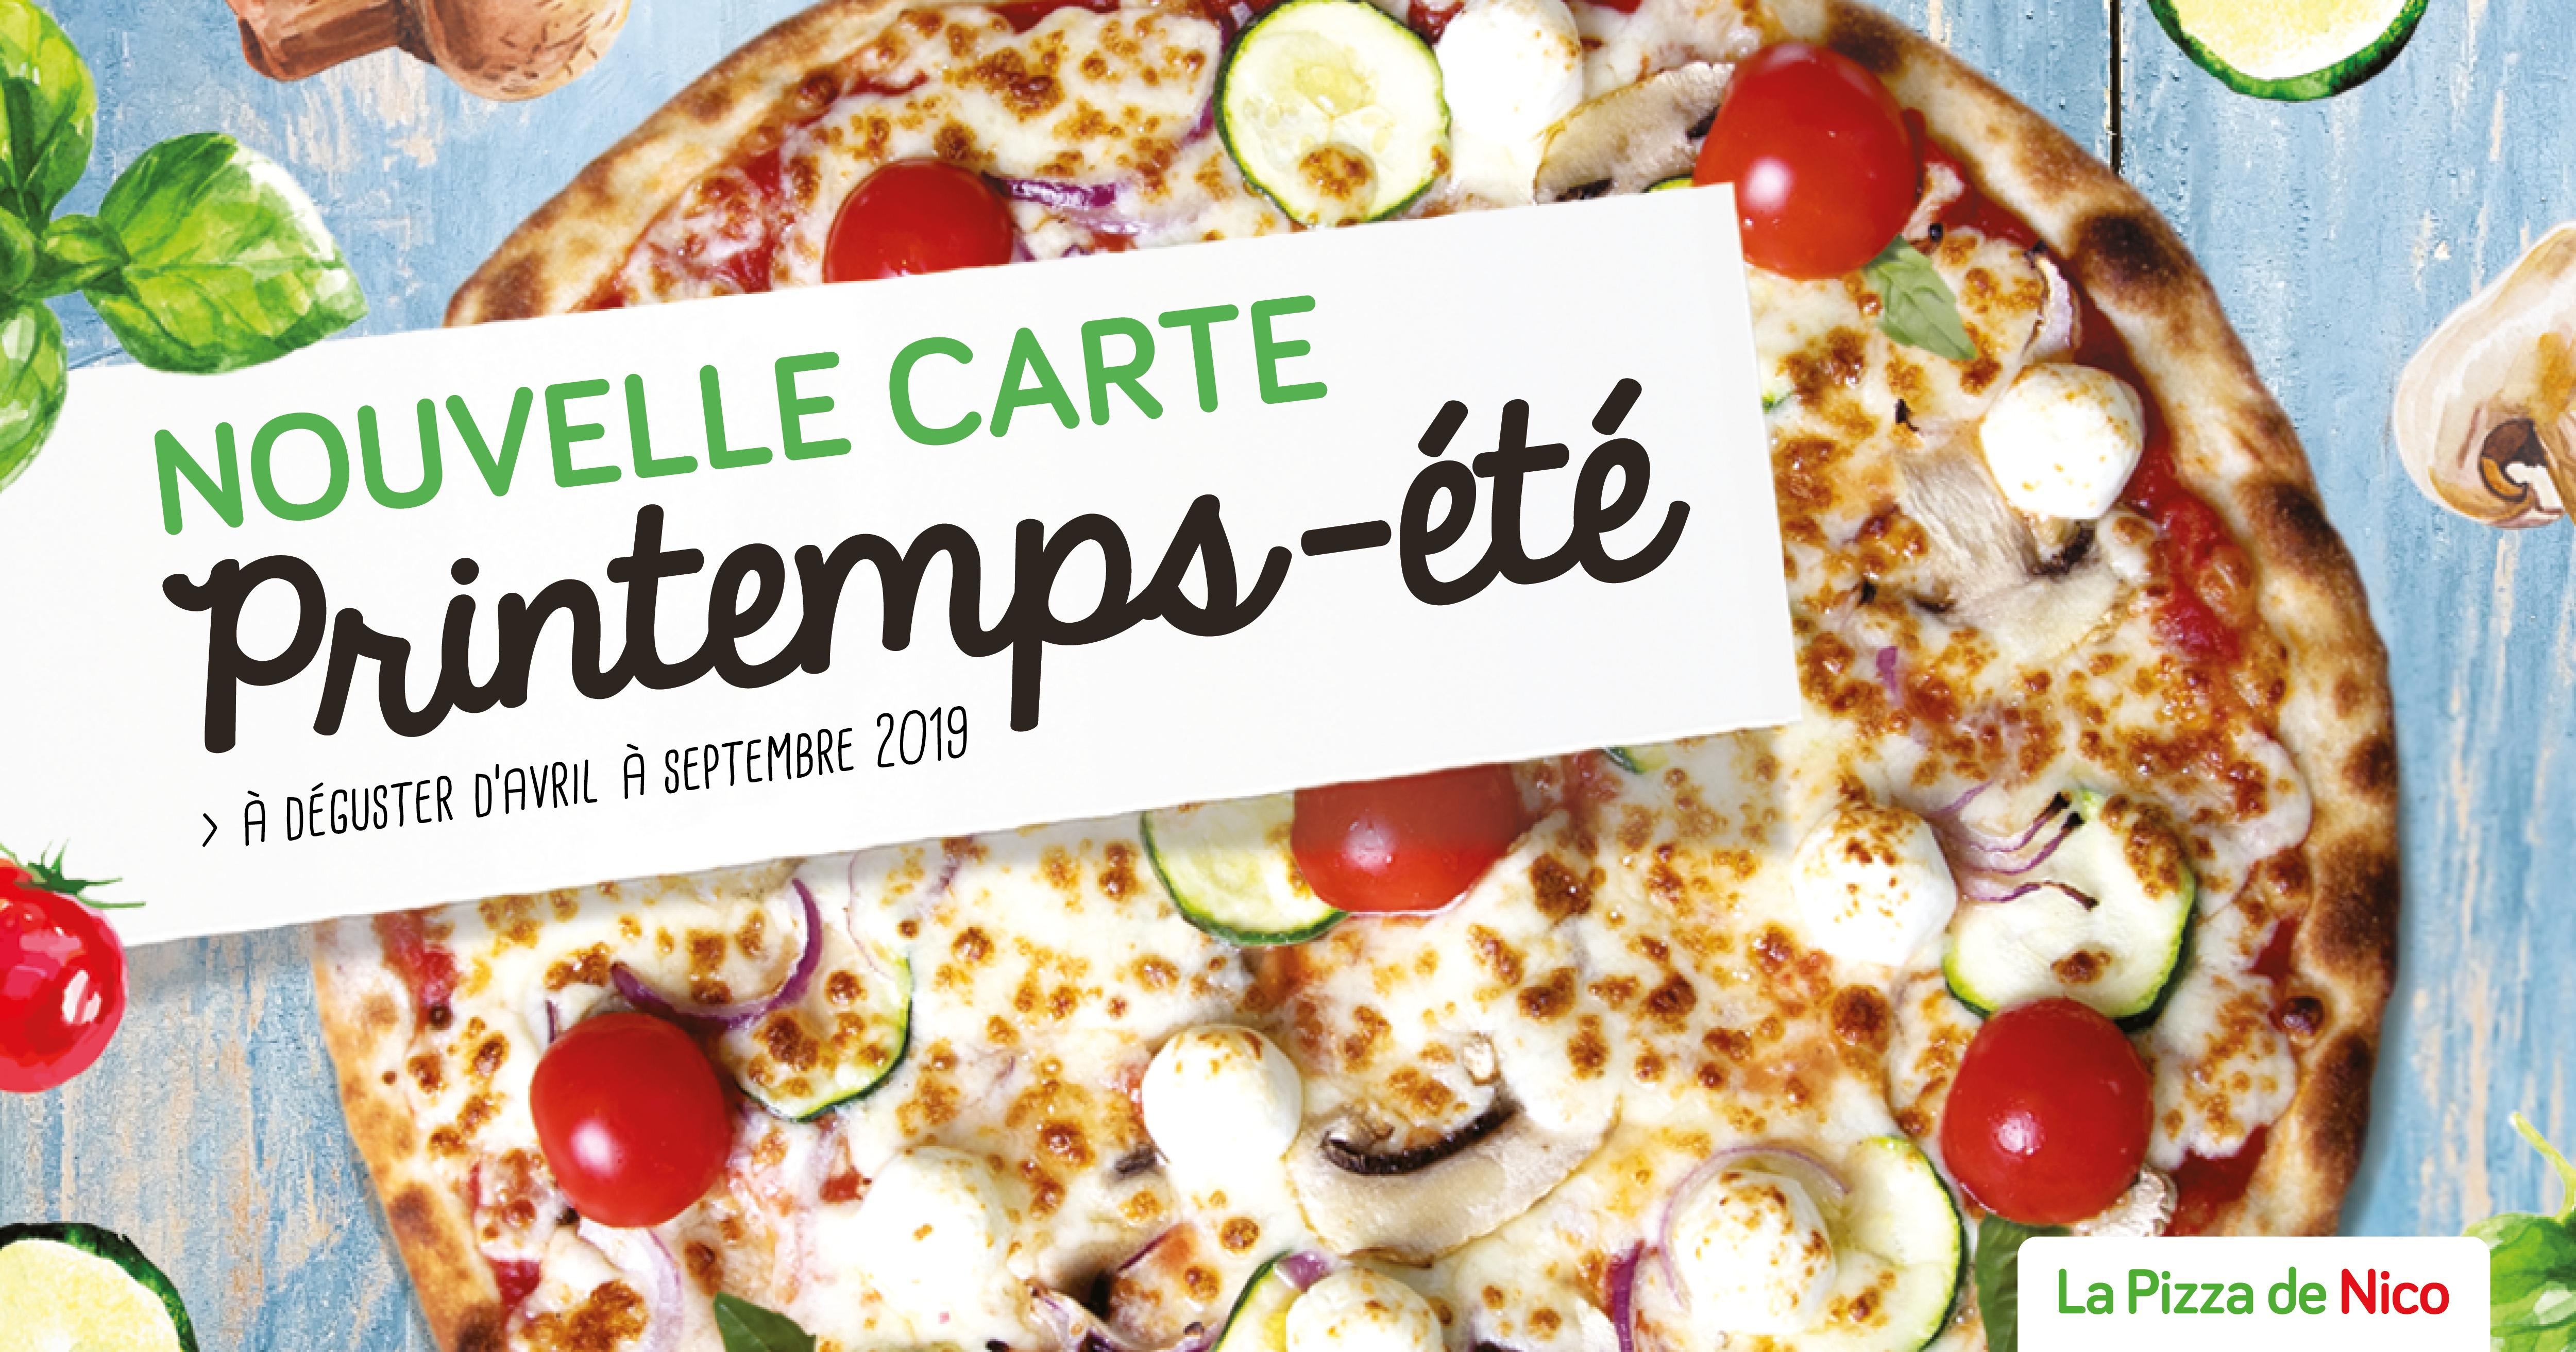 Nouvelle carte printemps été 2019 | Pizza de Nico